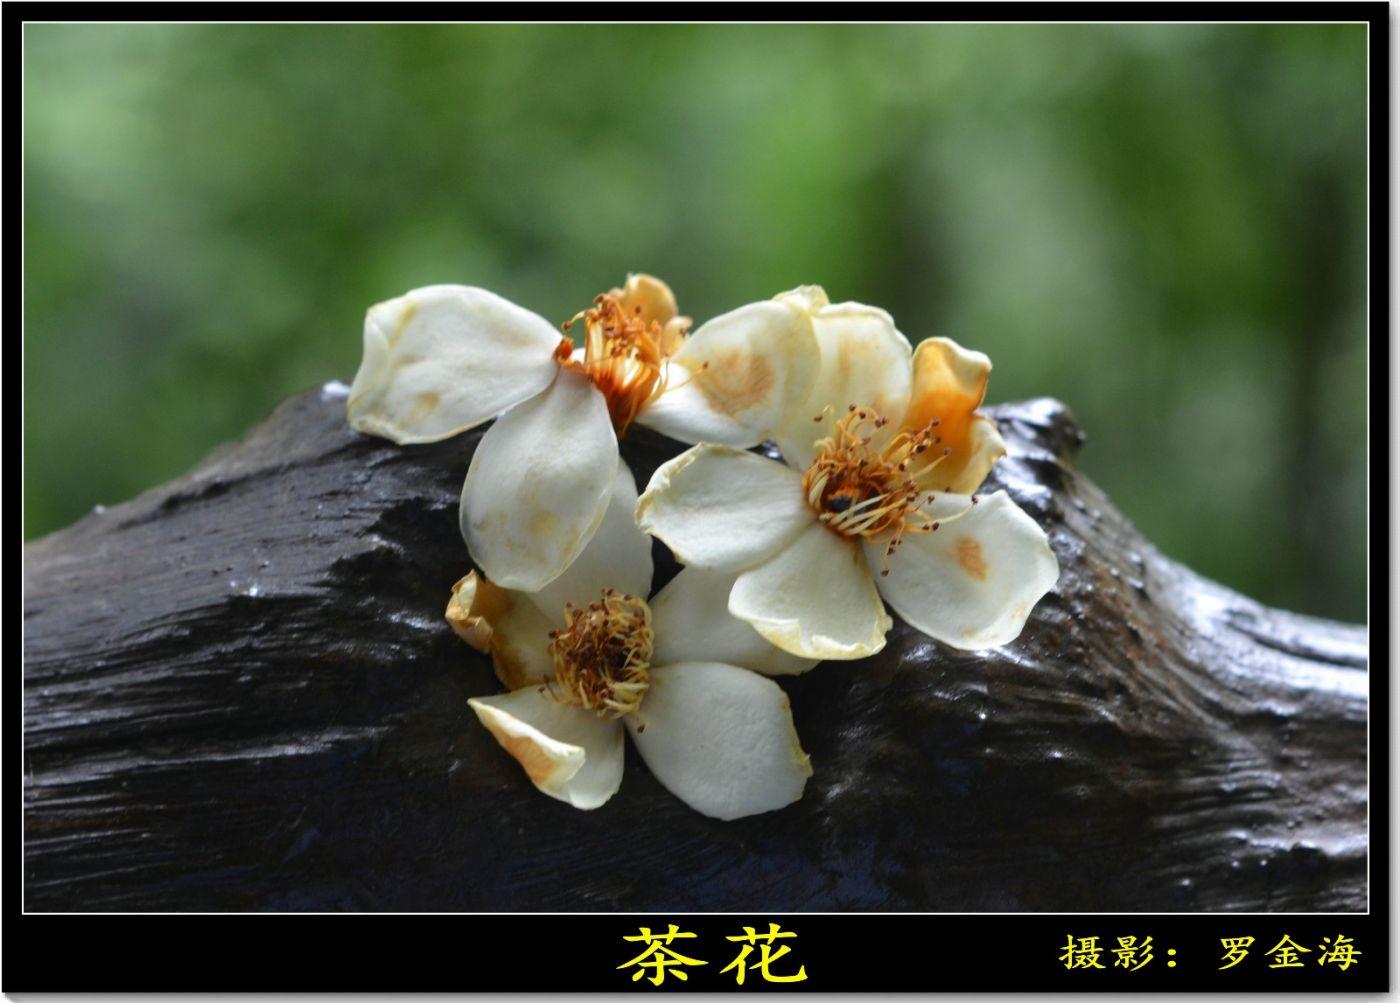 生命之爱(散文)_图1-1